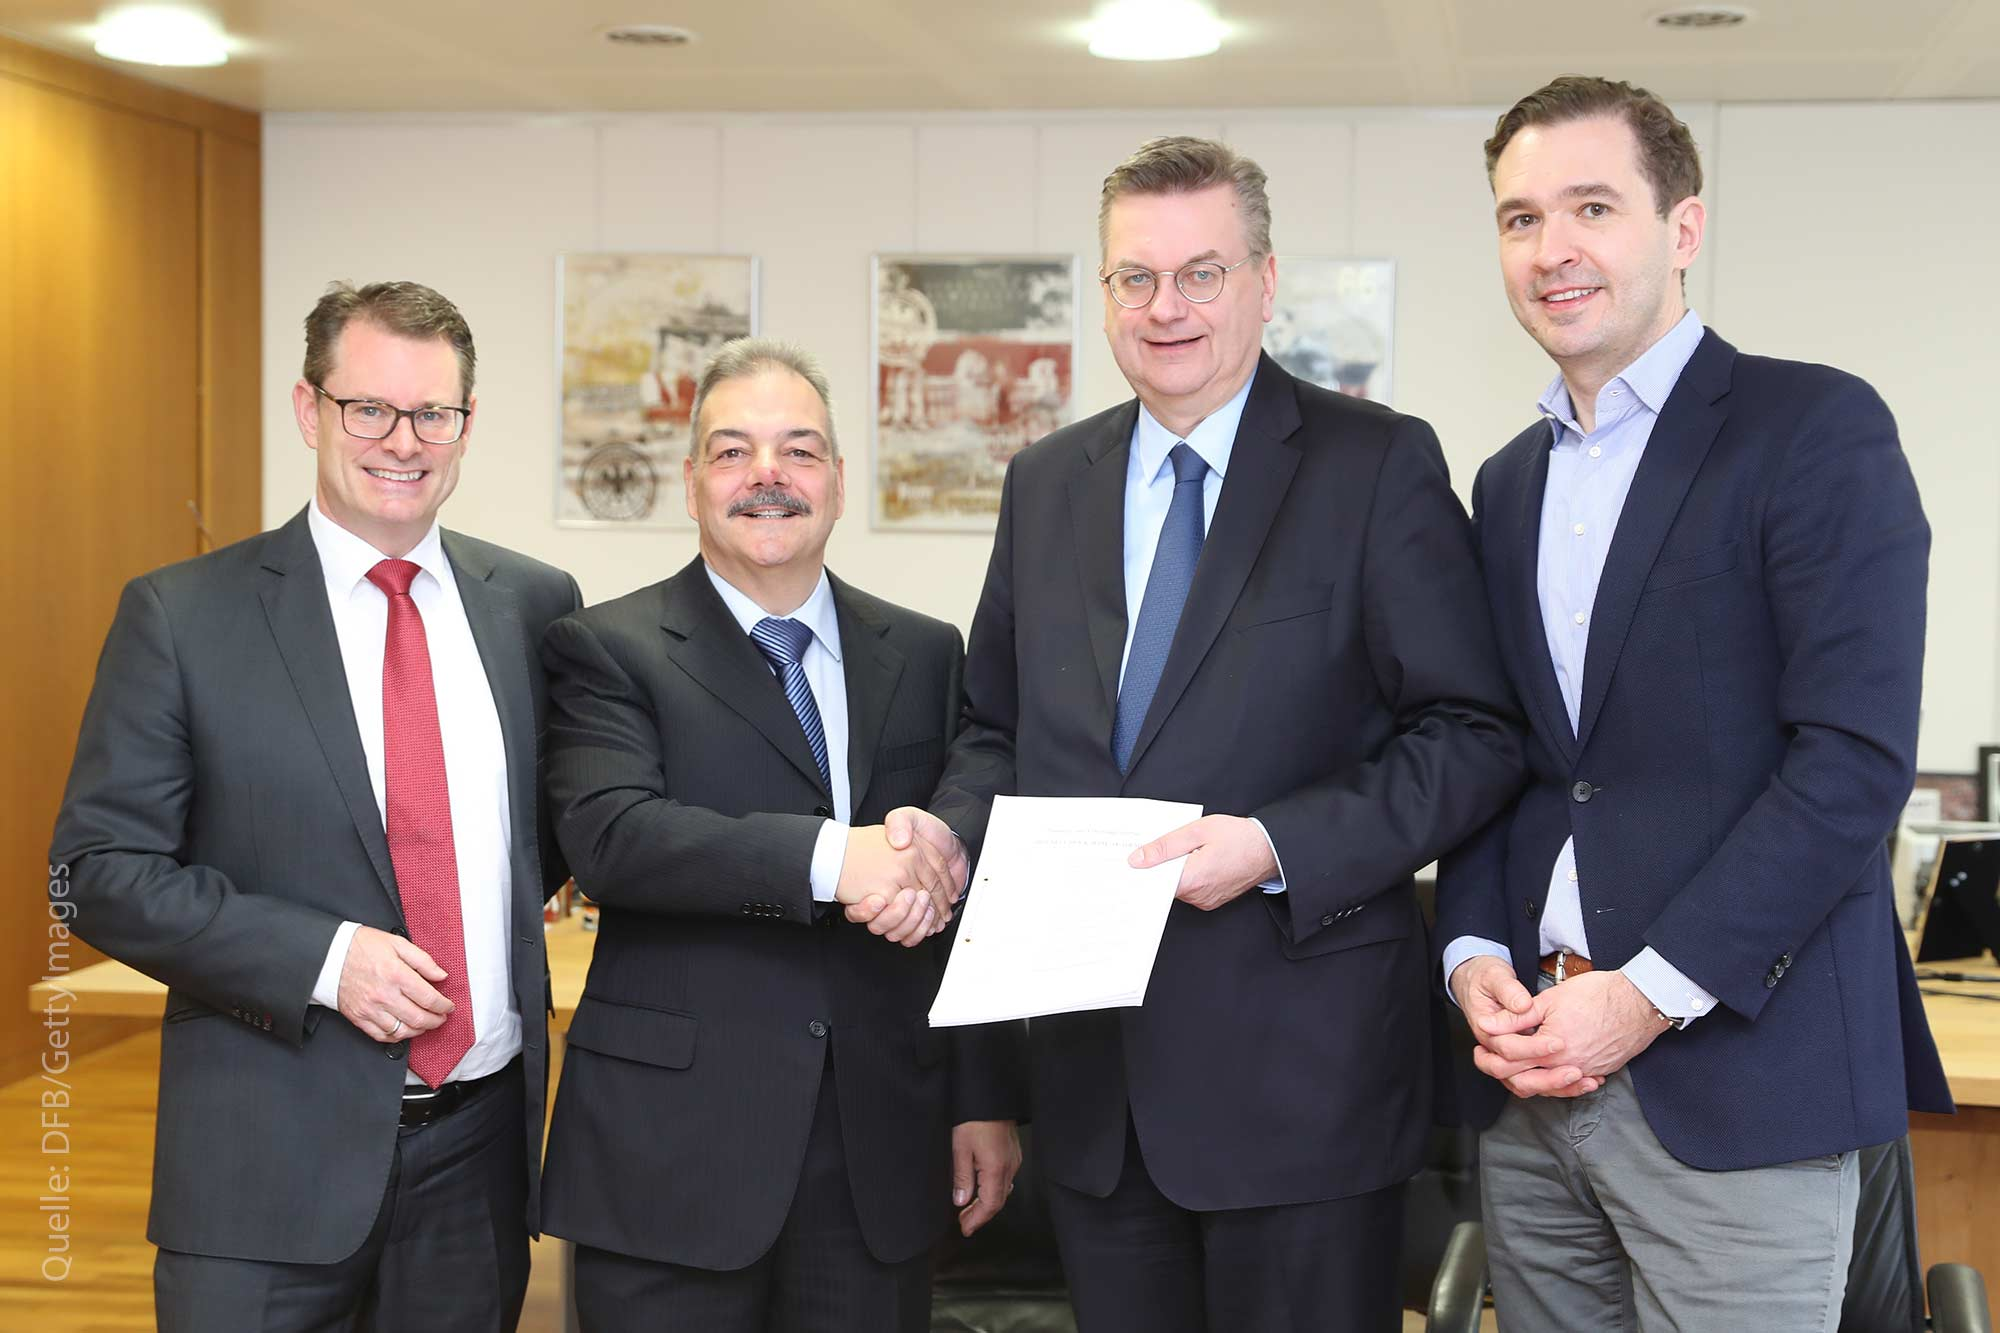 Deutscher Fußballbund wählt Projektentwickler für Neubau aus